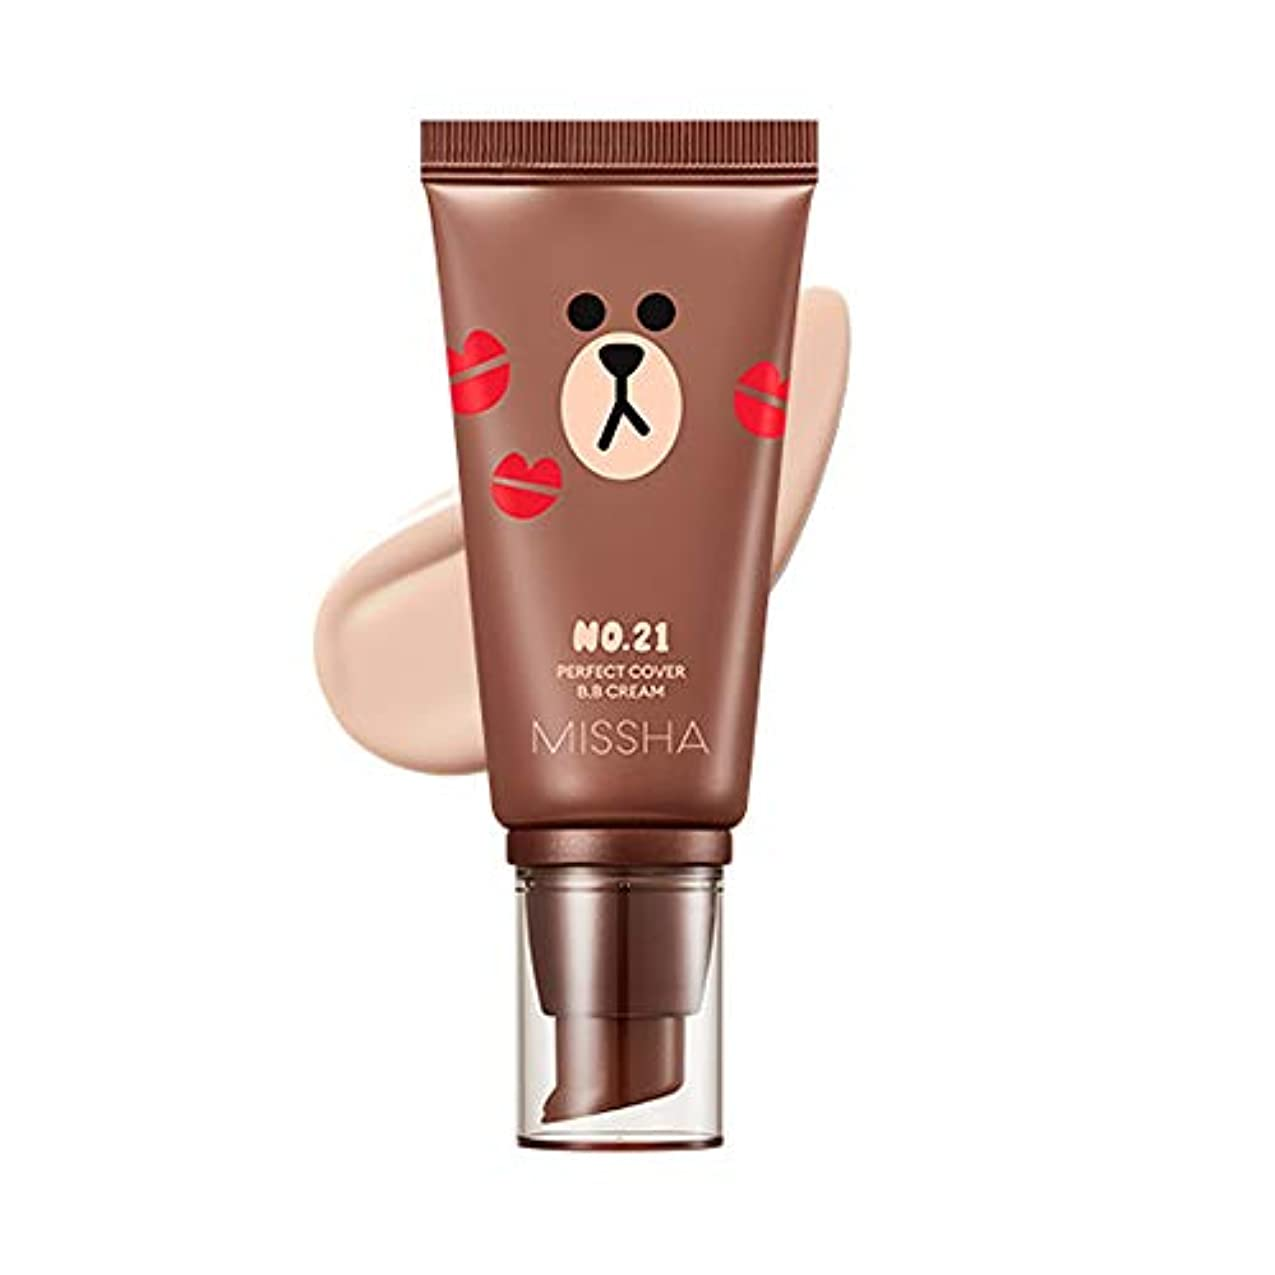 密エステート真面目なMissha M Perfect Cover BB Cream SPF42 PA+++ [Line Friends Edition] ミシャ(ラインフレンズ)MパーフェクトカバーB.Bクリーム (#21 Light Beige...